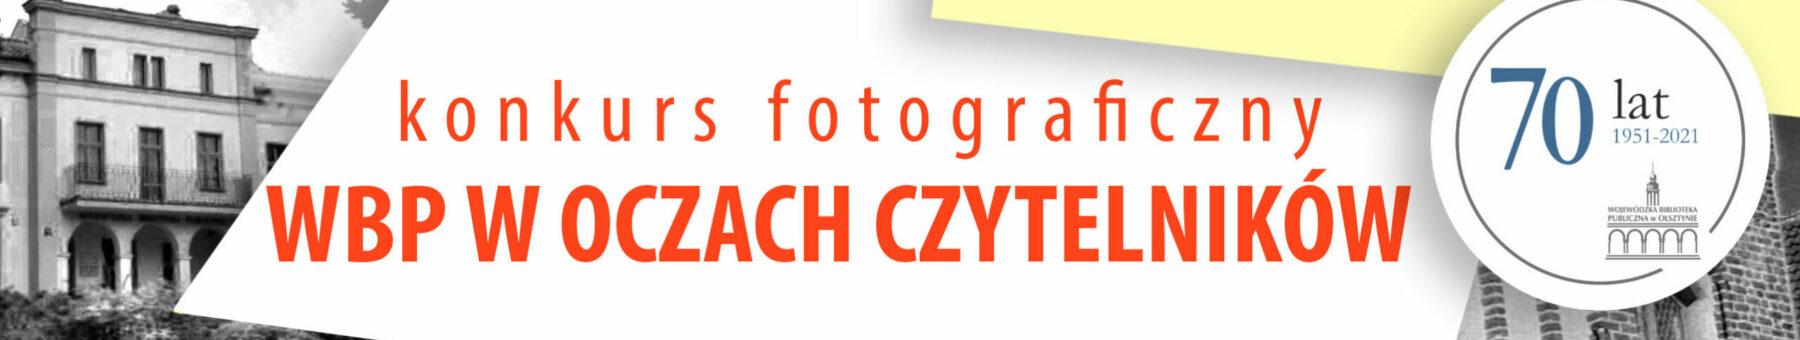 Konkurs fotograficzny WBP w oczach czytelników